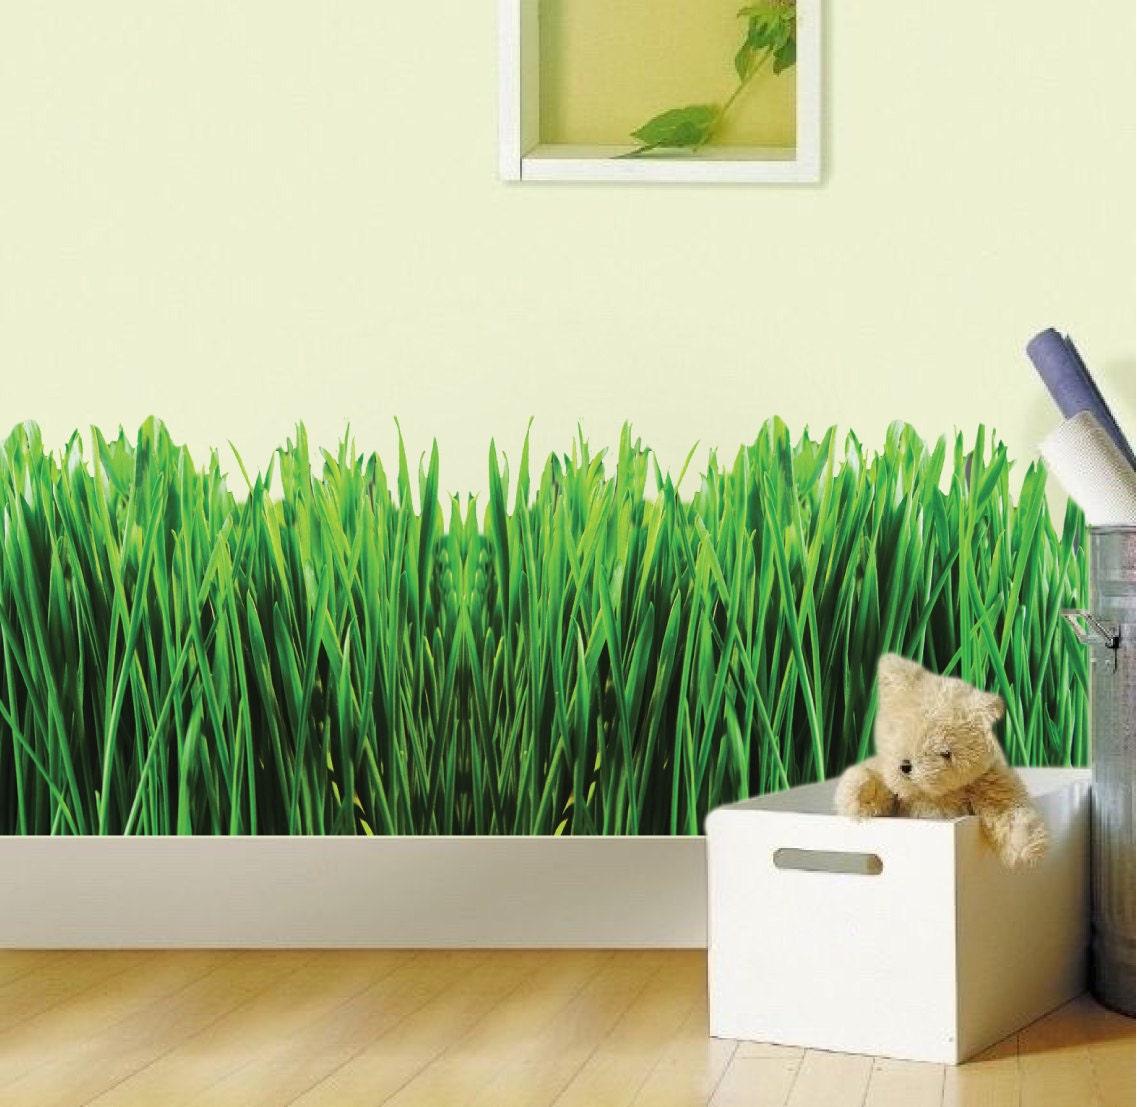 Wunderbar Wandtattoo Gras Das Beste Von 🔎zoomen